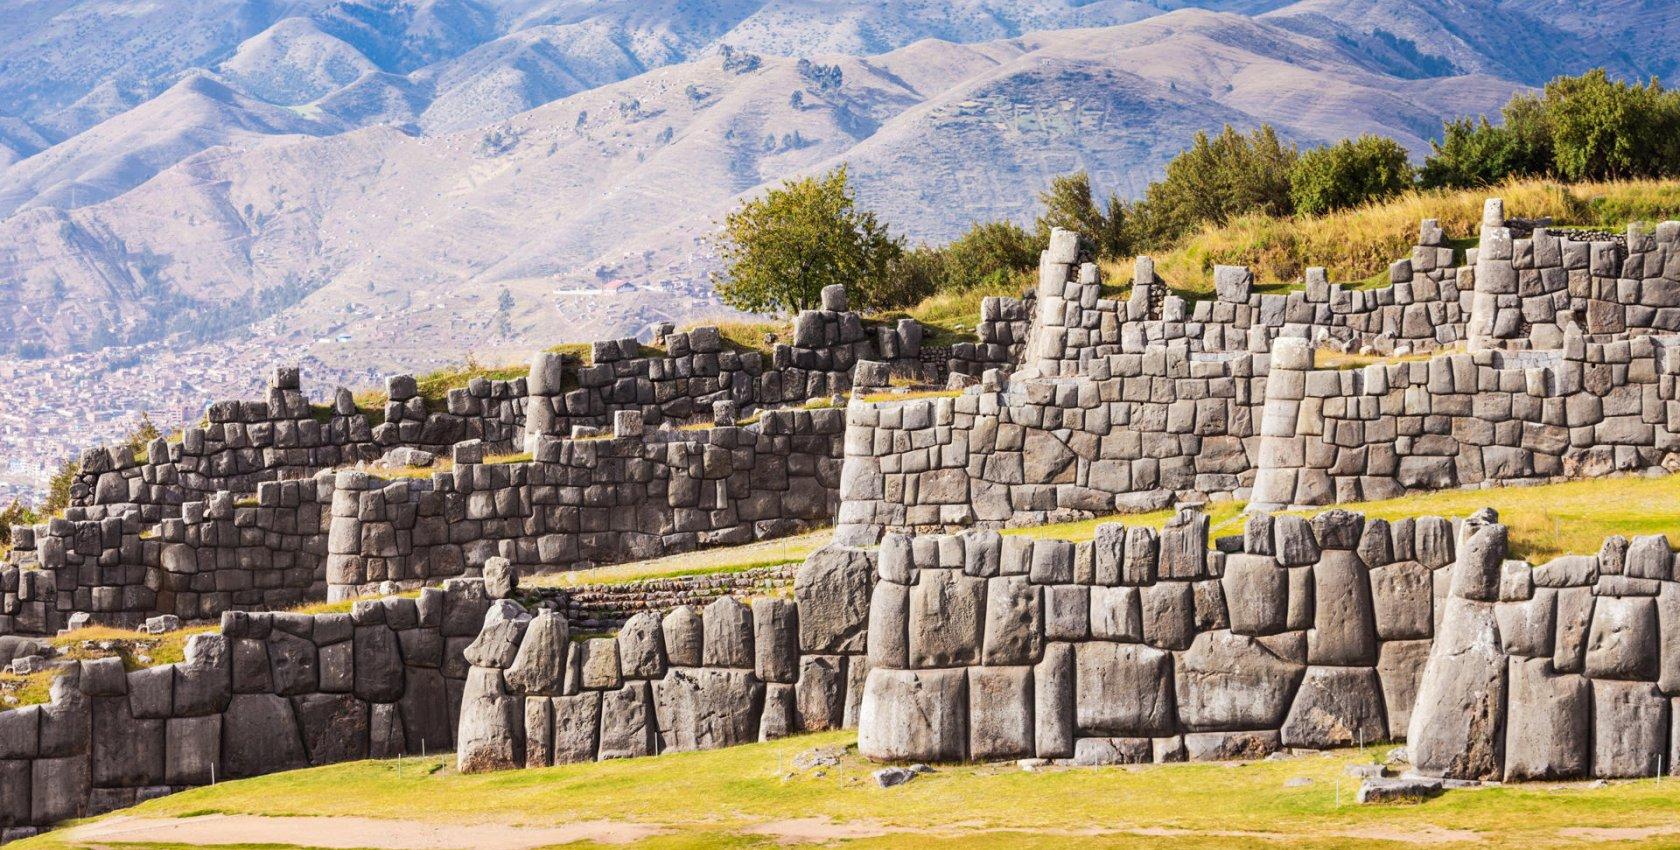 Sacsayhuamán viajes a machu picchu